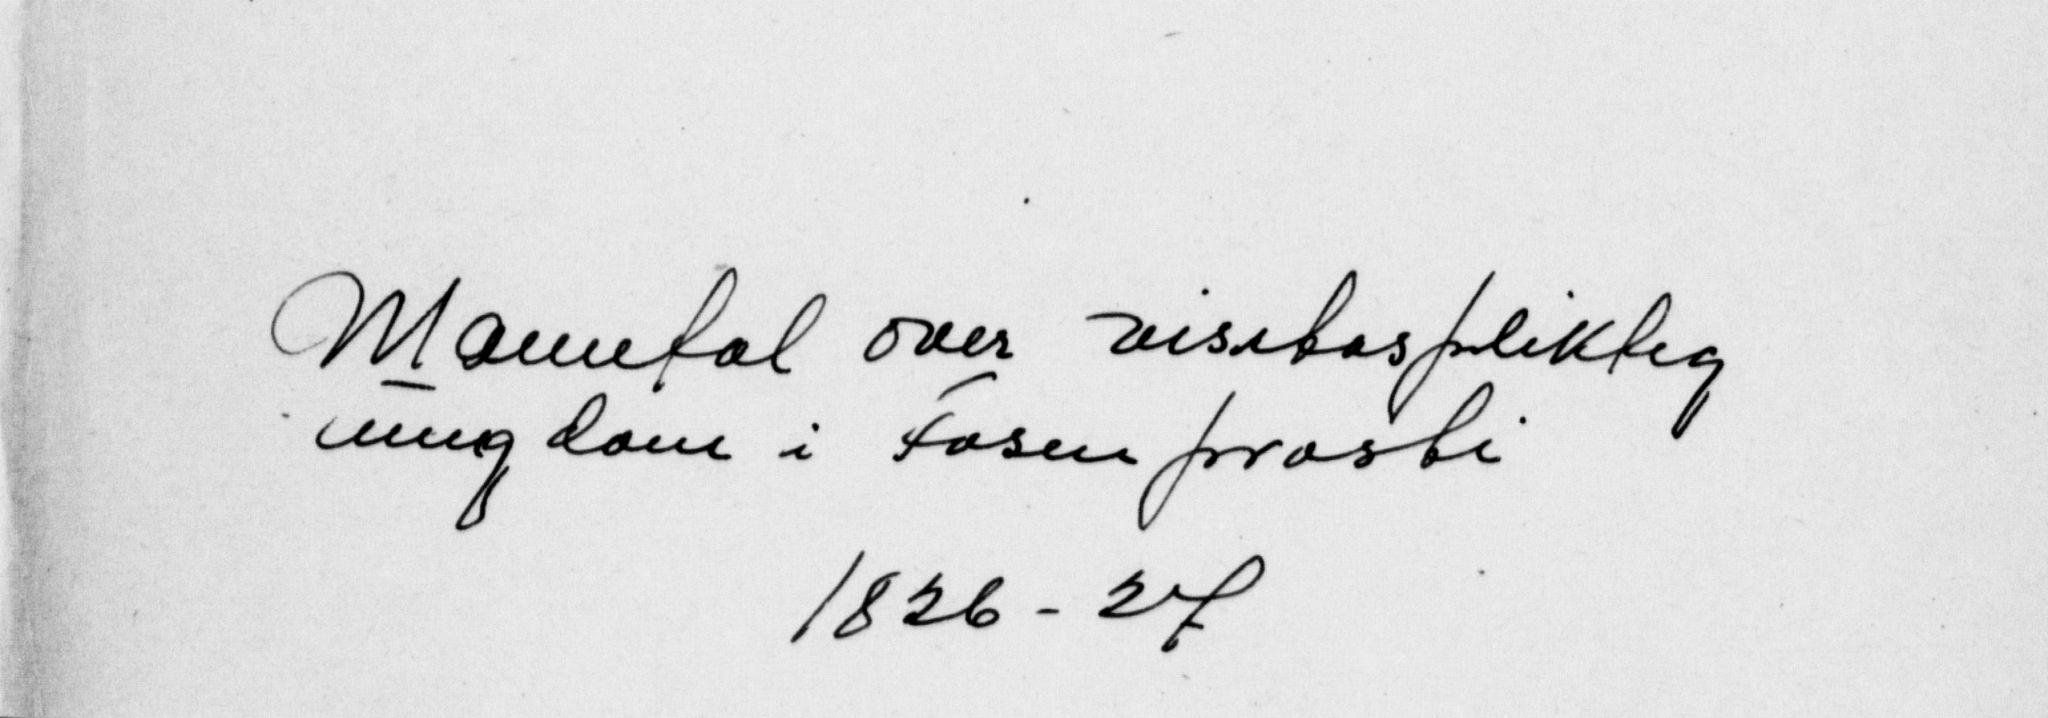 SAT, Fosen prosti*, 1826-1827, s. upaginert